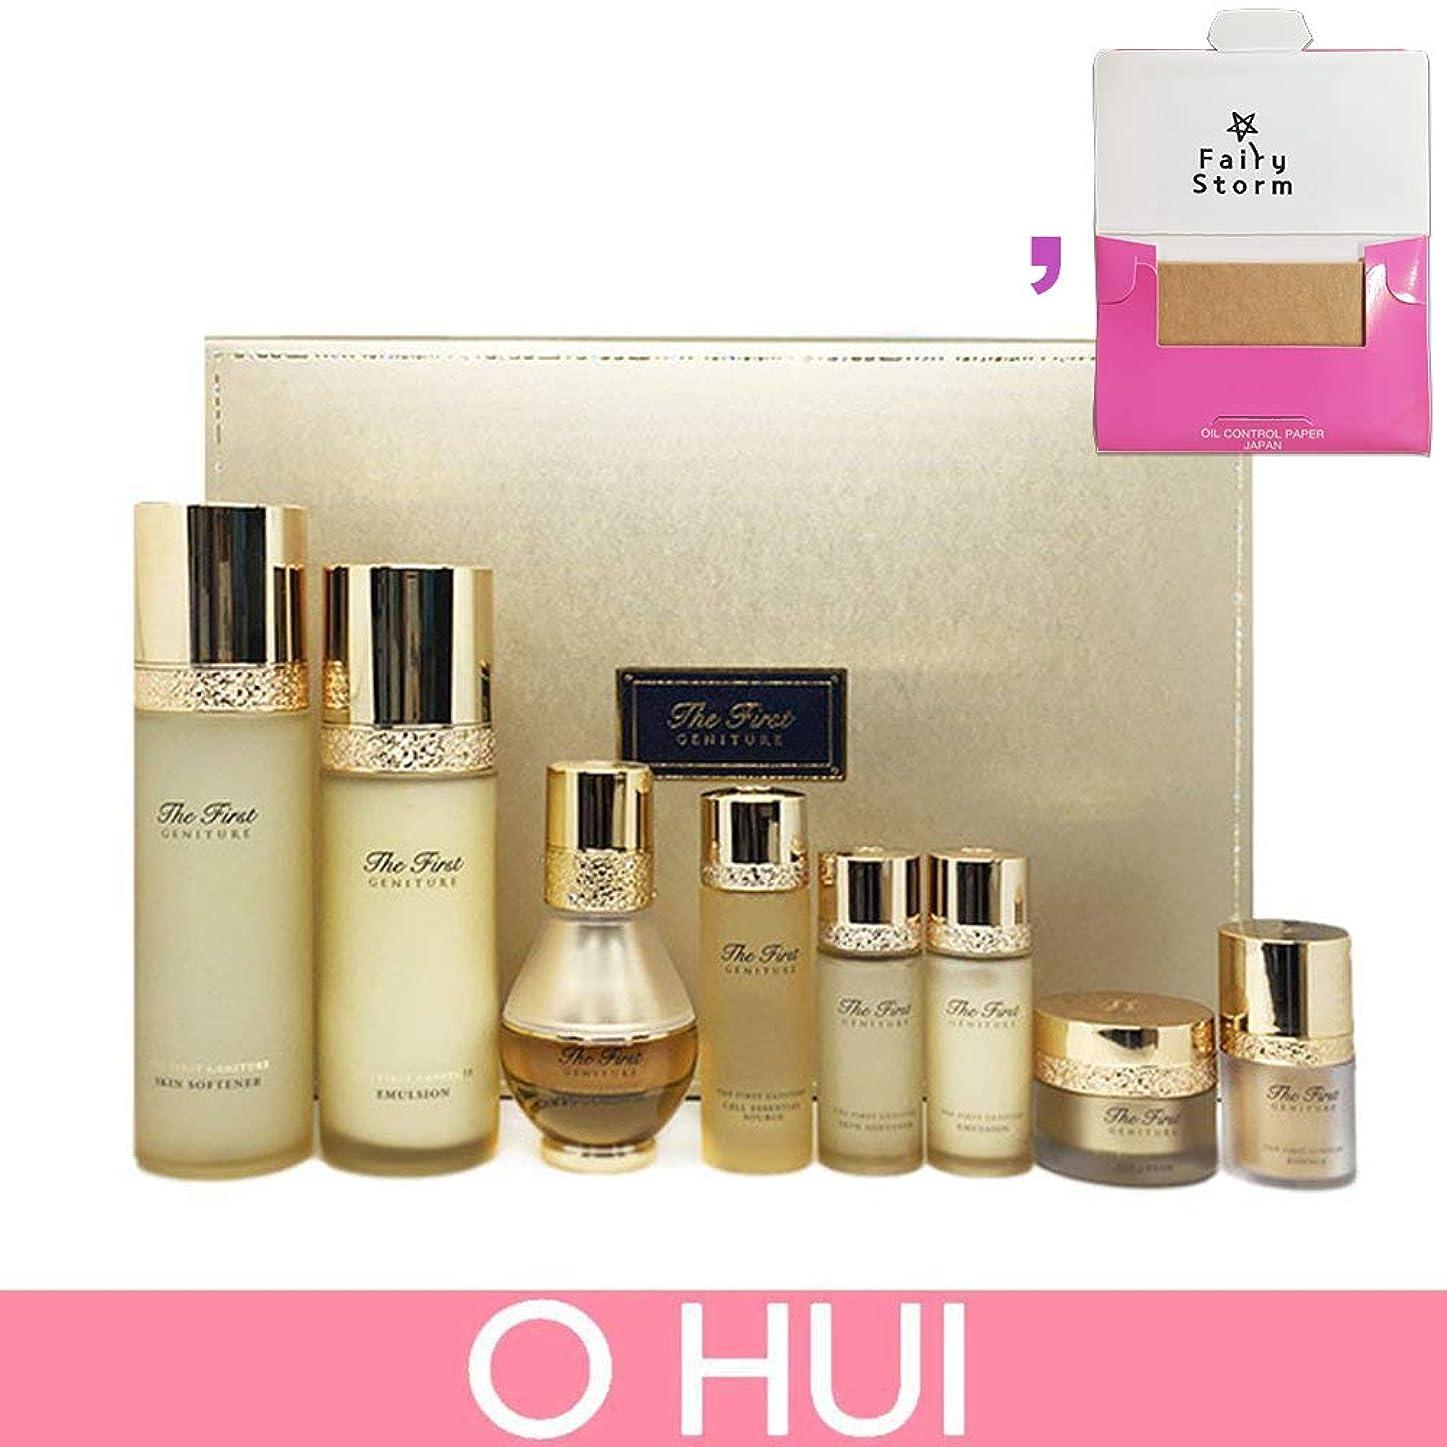 ヒゲクジラ暗黙肥満[オフィ/O HUI]韓国化粧品 LG生活健康/O HUI THE FIRST 3EA SET/オフィ ザ?ファースト 3点セット + [Sample Gift](海外直送品)